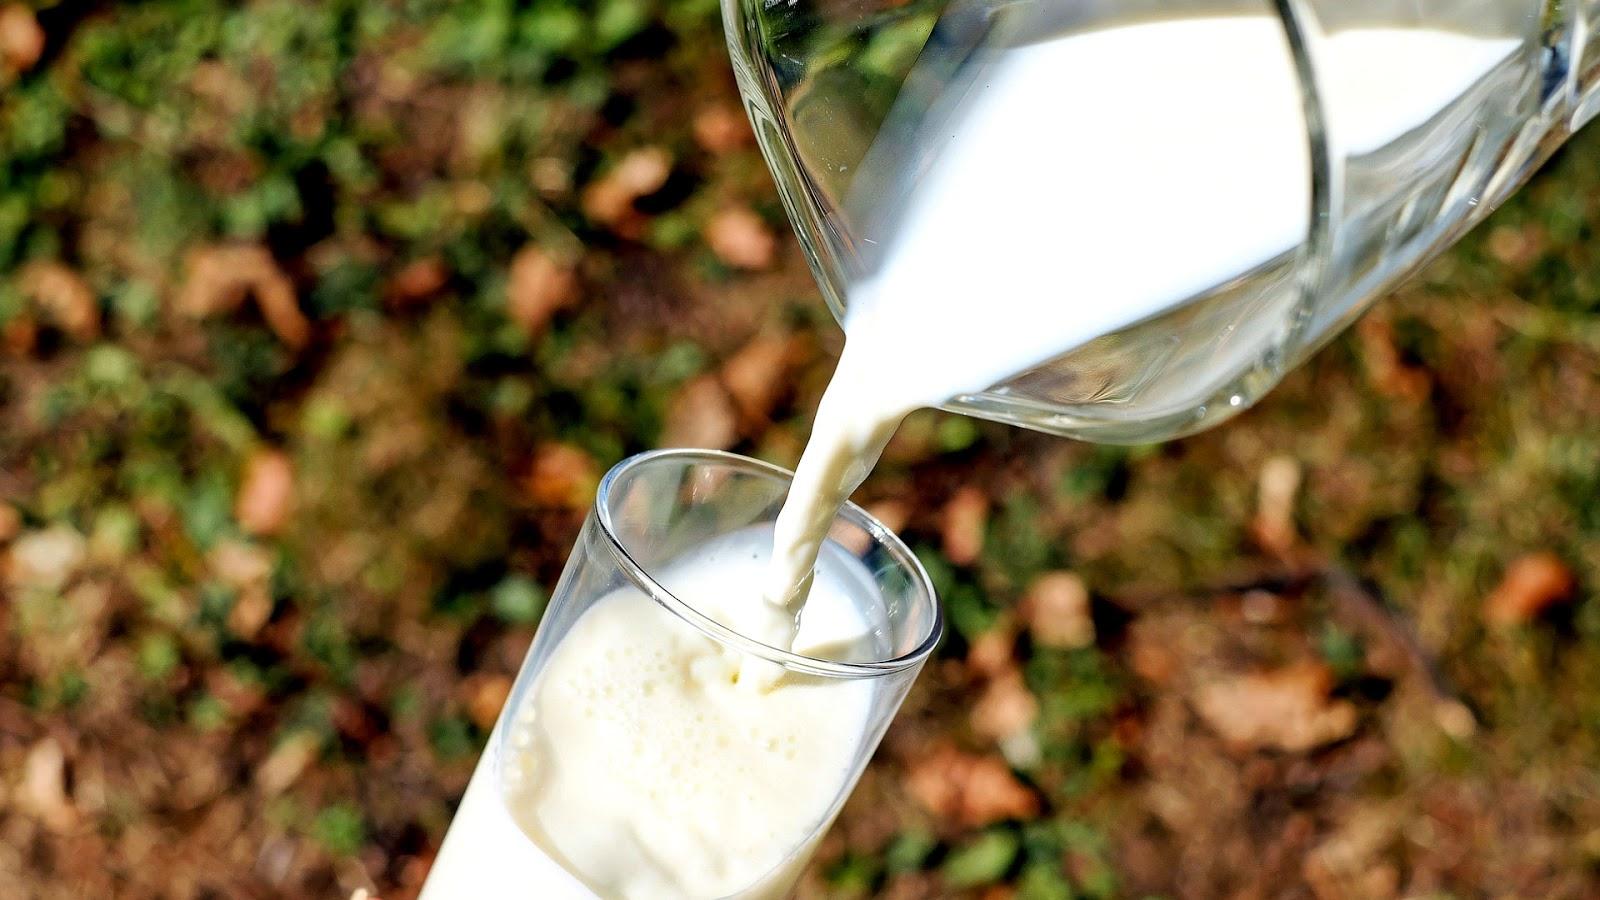 गाय के दूध को धन लाभ के लिए बेचना बेहद ही अधम कार्य है